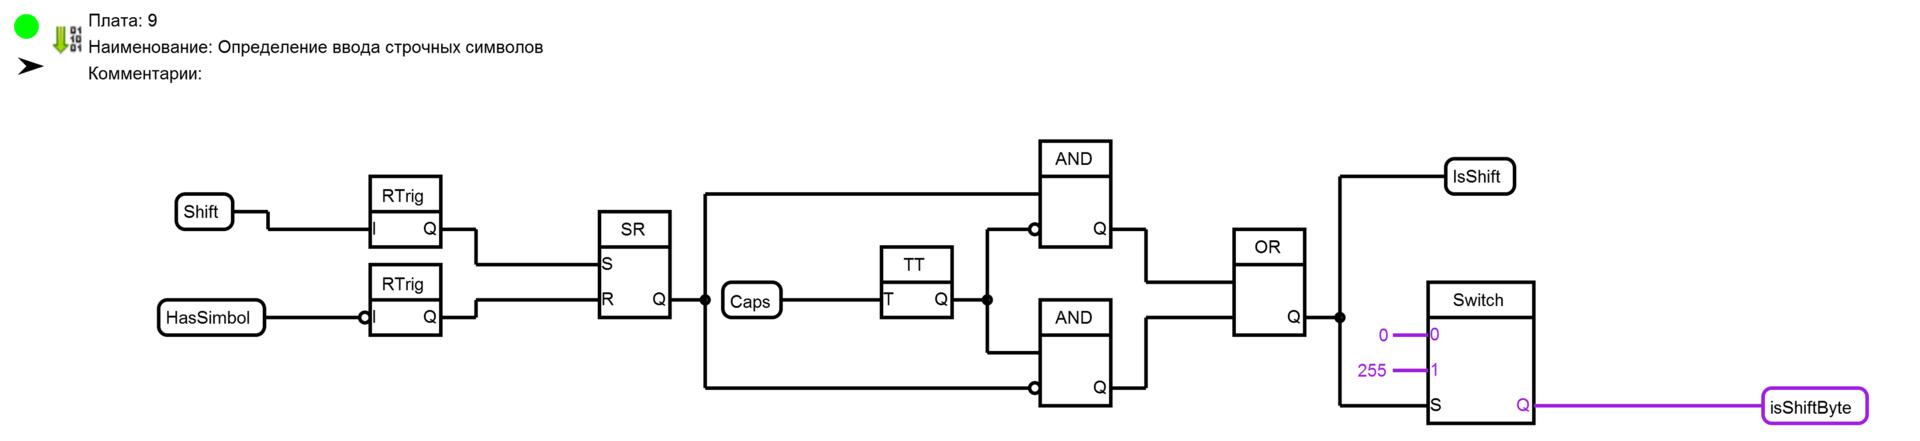 FLProg + RemoteXY=Беспроводная клавиатура для компьютера на Вашем телефоне - 15